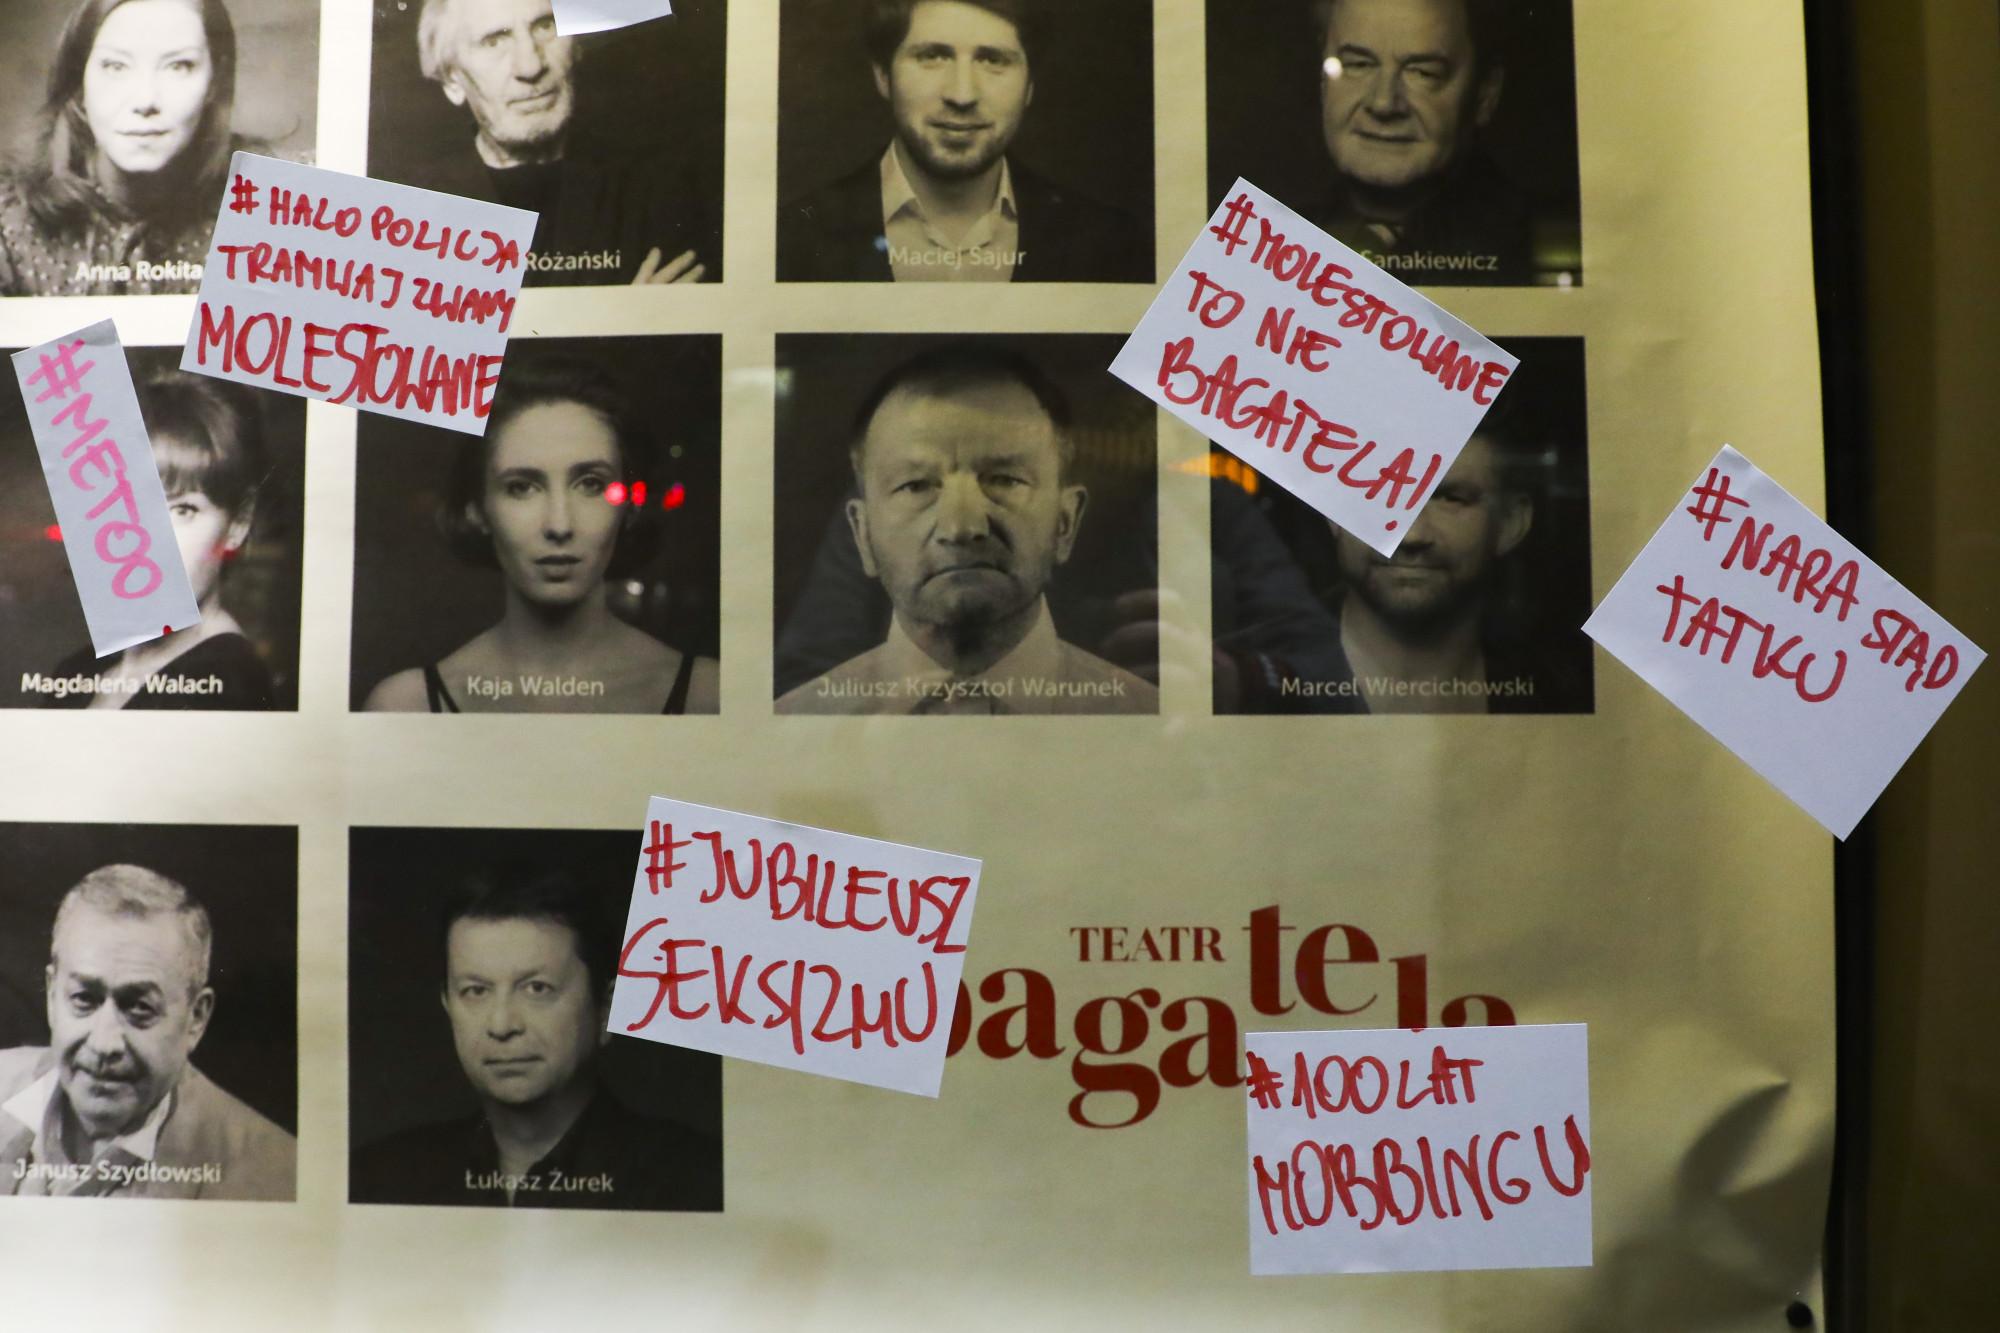 Randki z kobietami i dziewczynami Maopolska gfxevolution.com